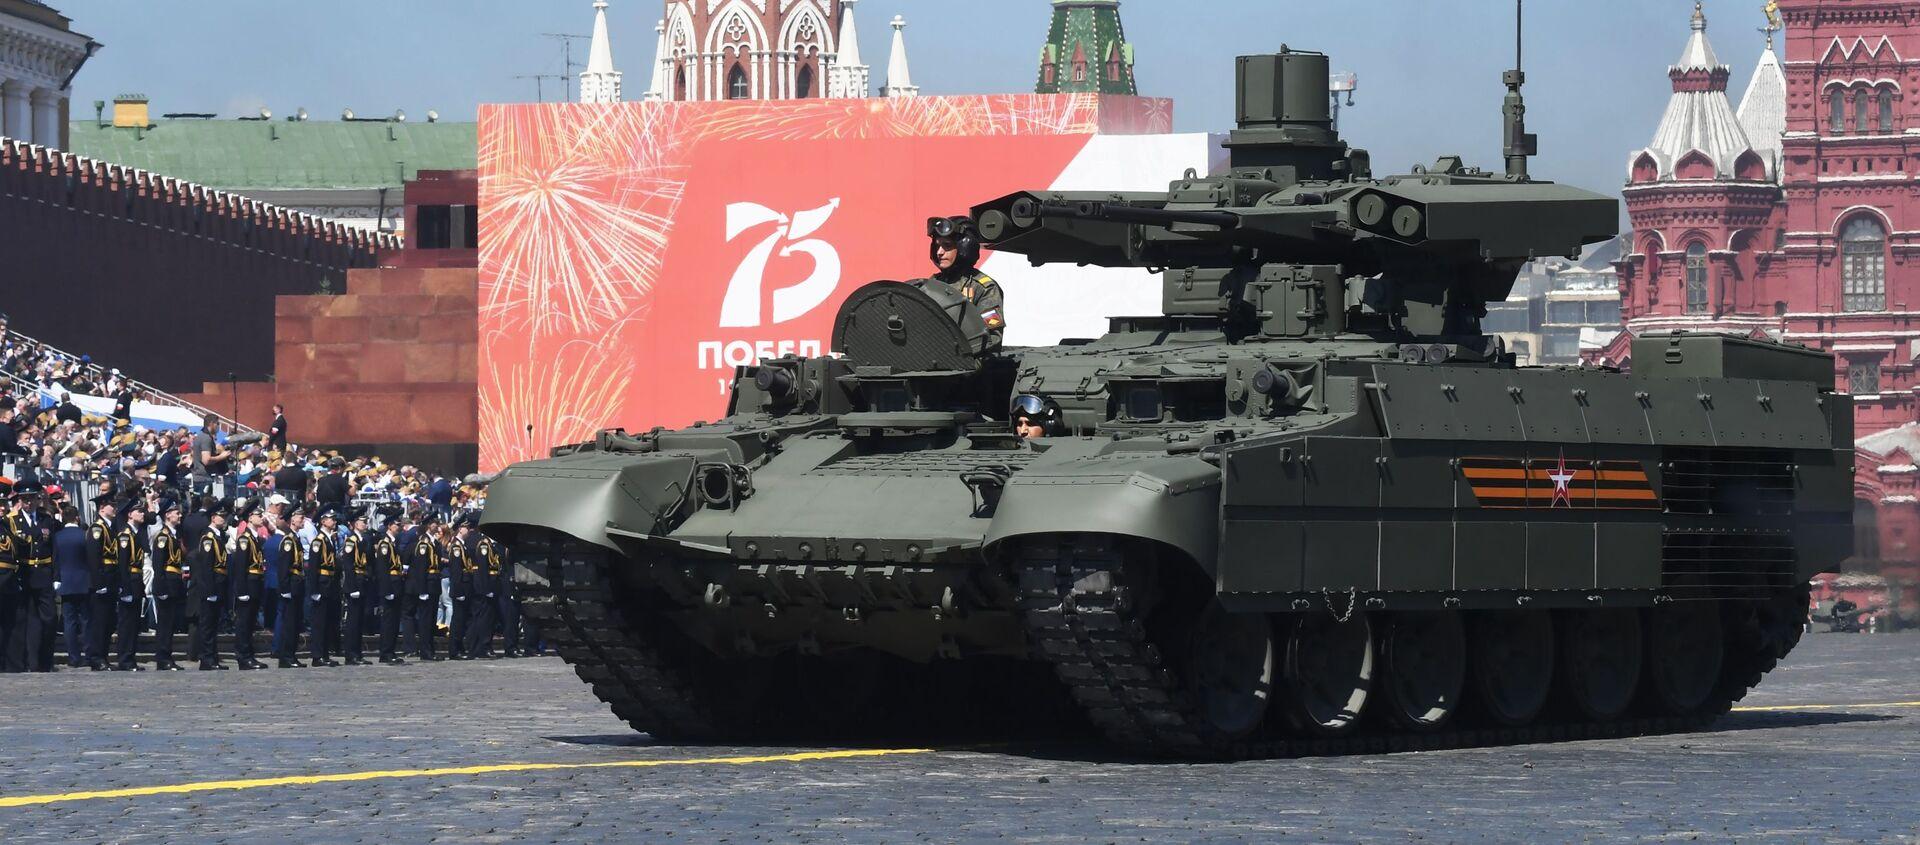 Боевая машина поддержки танков (БМПТ) Терминатор во время военного парада Победы - Sputnik Азербайджан, 1920, 27.04.2021